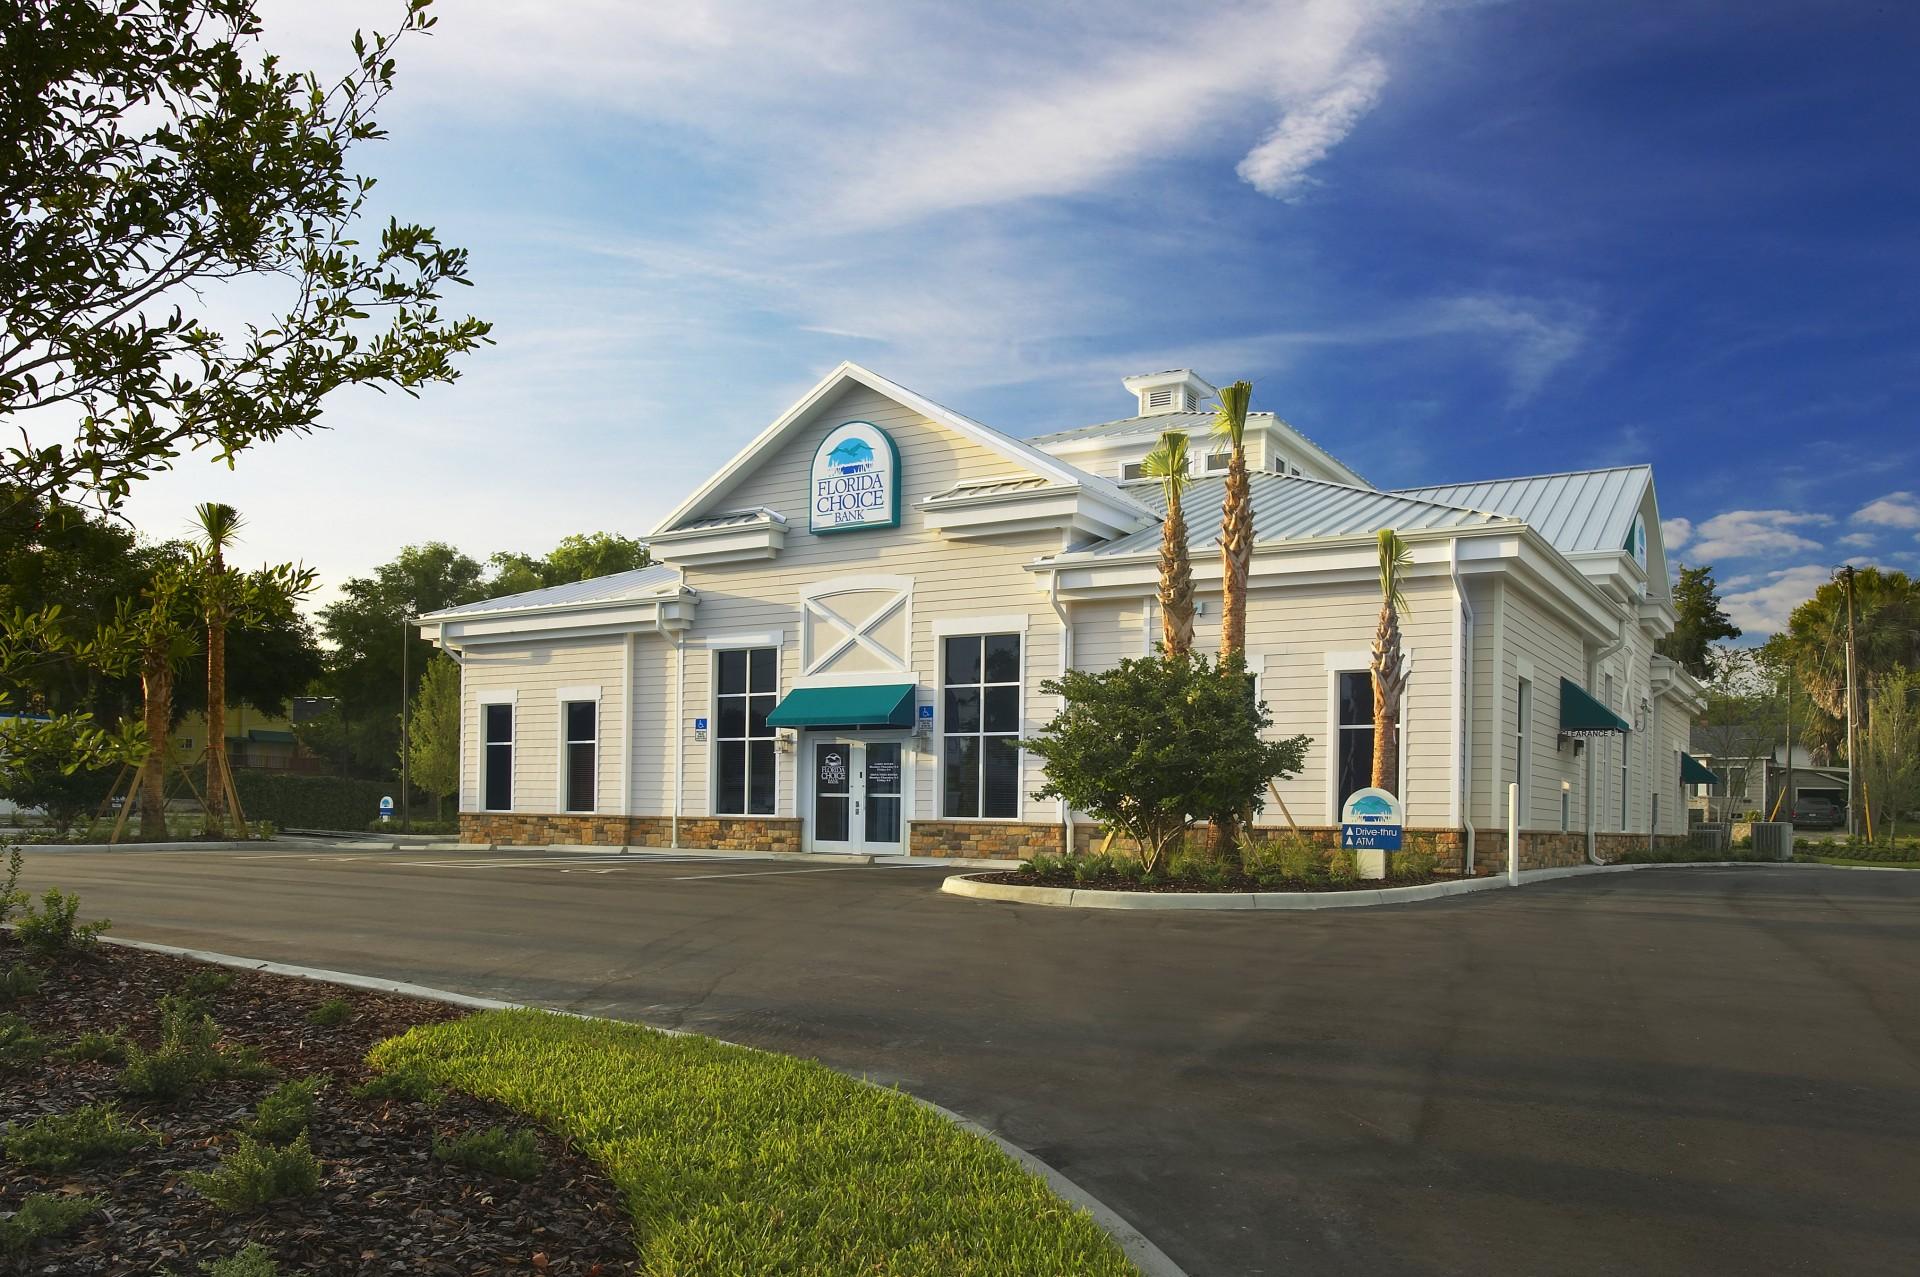 RBC FLORIDA CHOICE BANK1